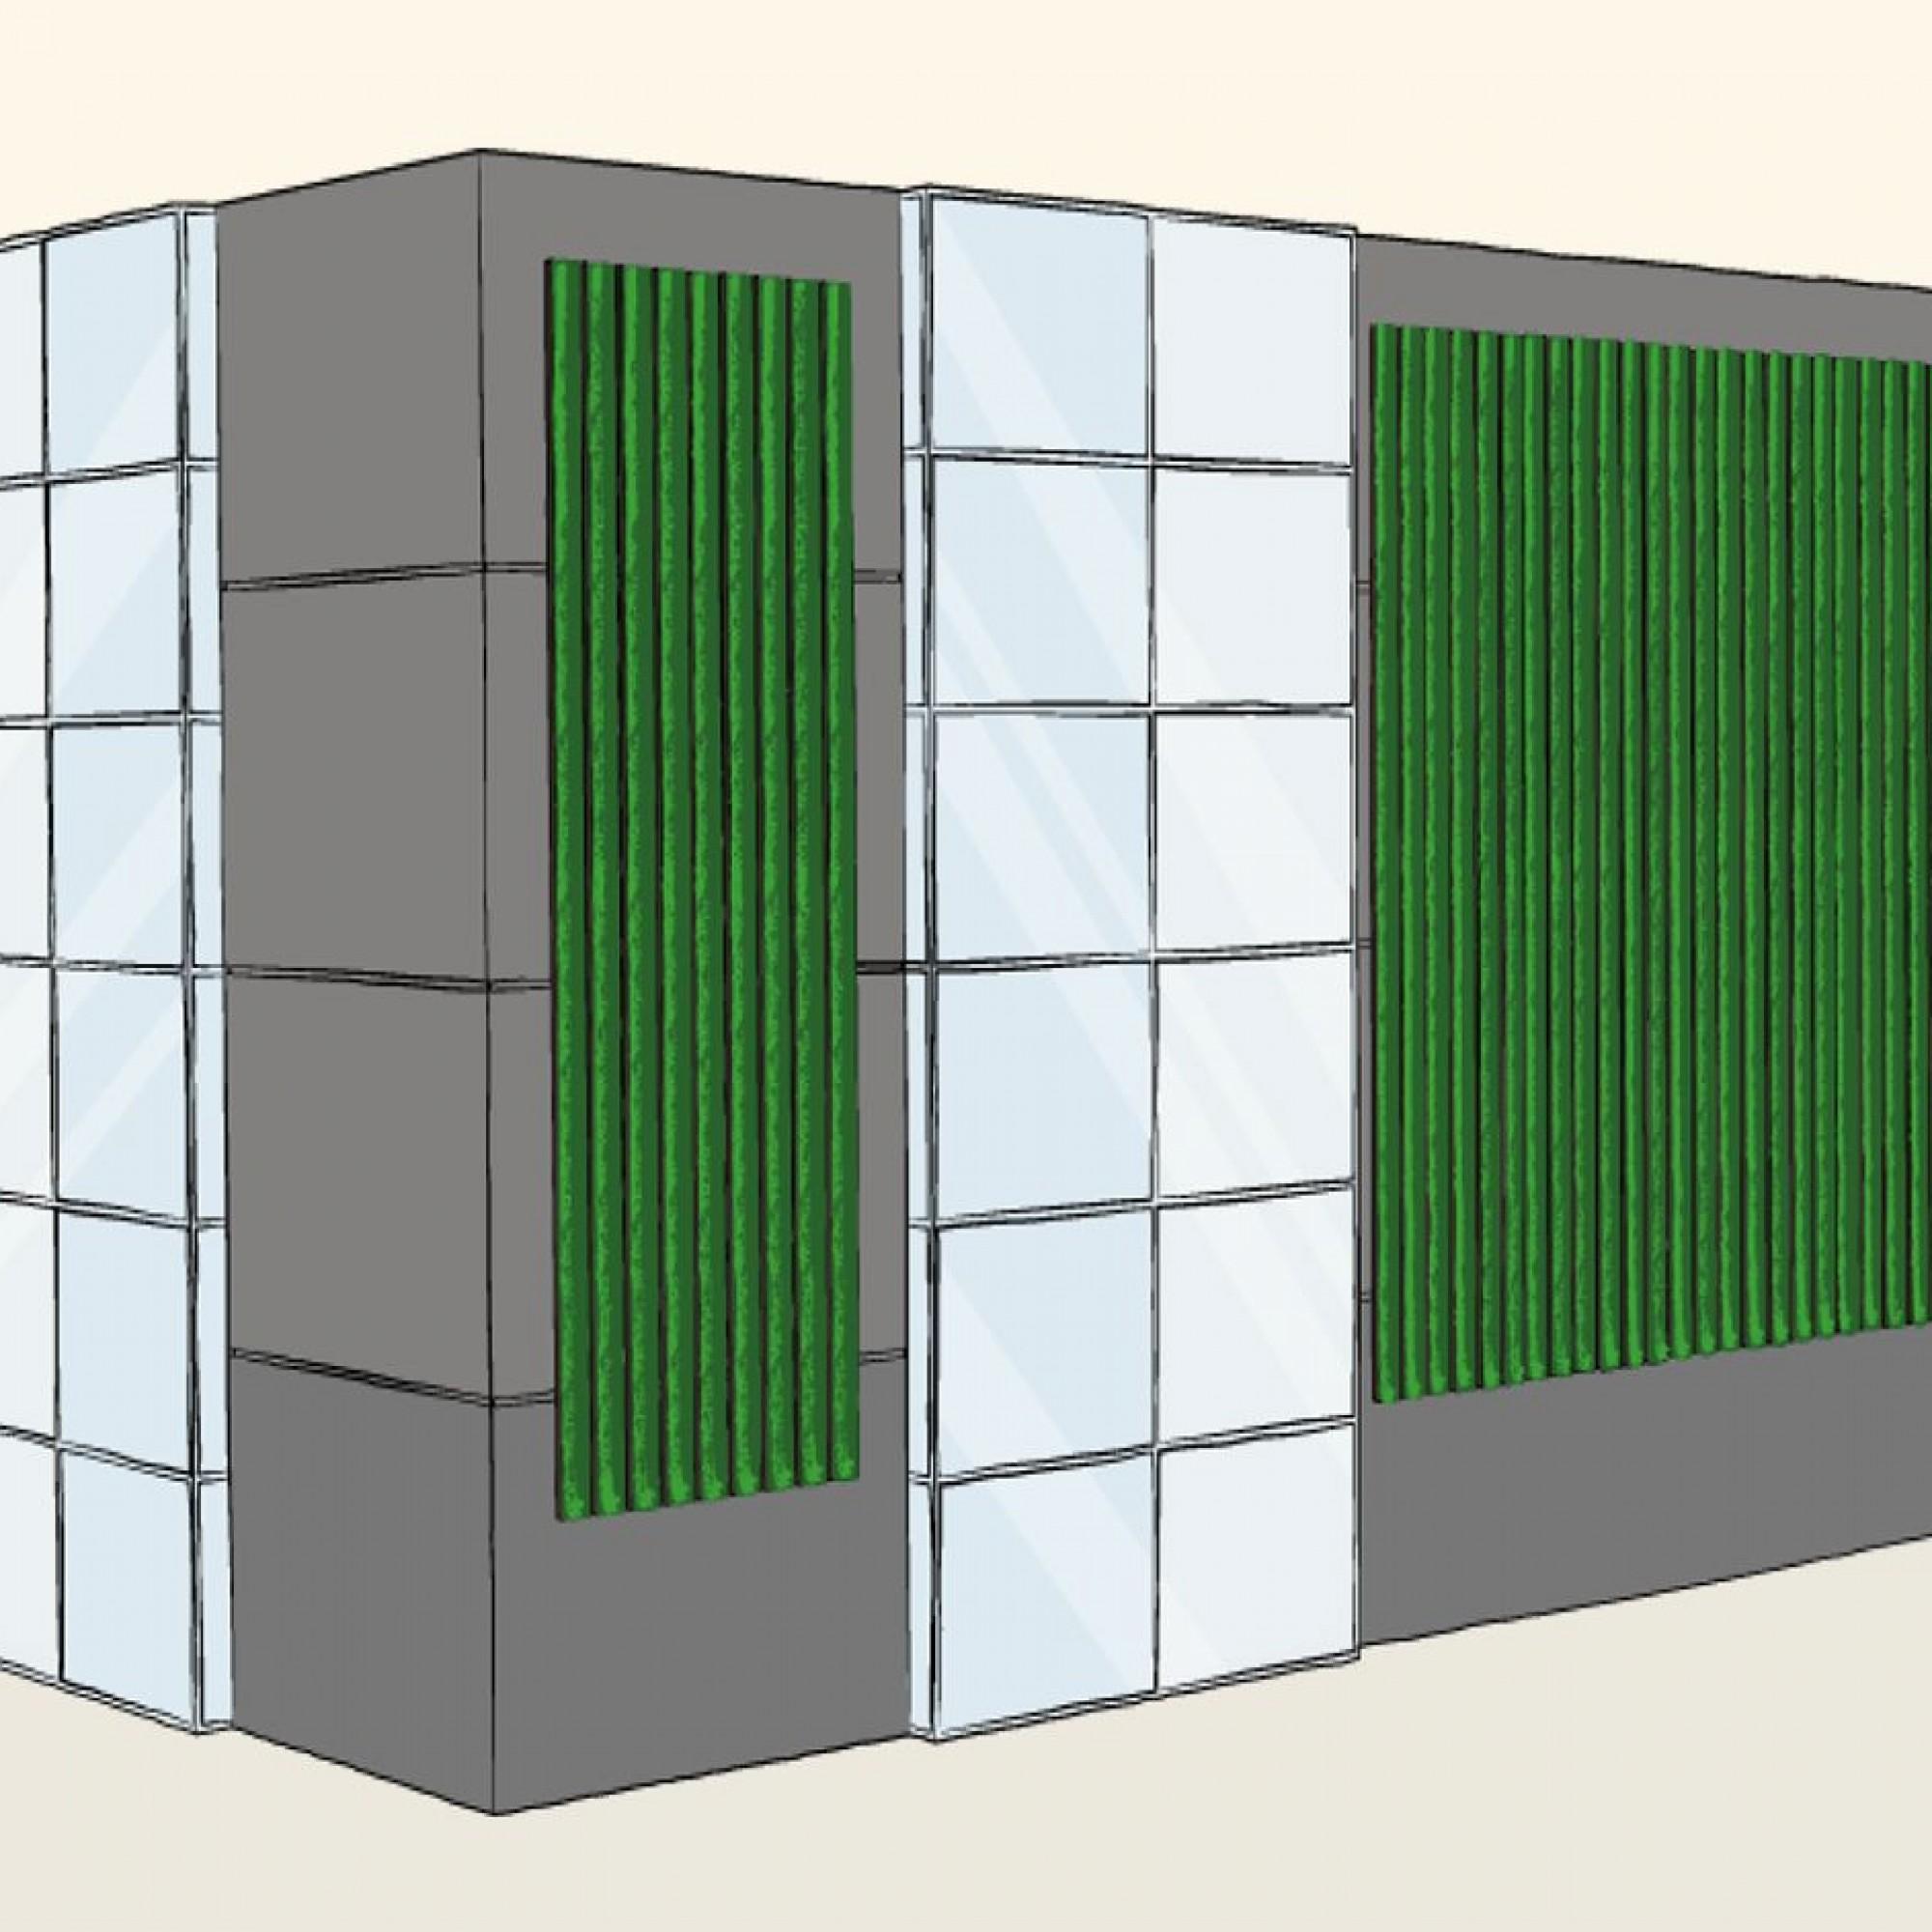 Die Fassade könnte laut dem Start-up auch bei Industrie- und Lagerhallen eingesetzt werden. (Quelle:artificial-ecosystems.com)